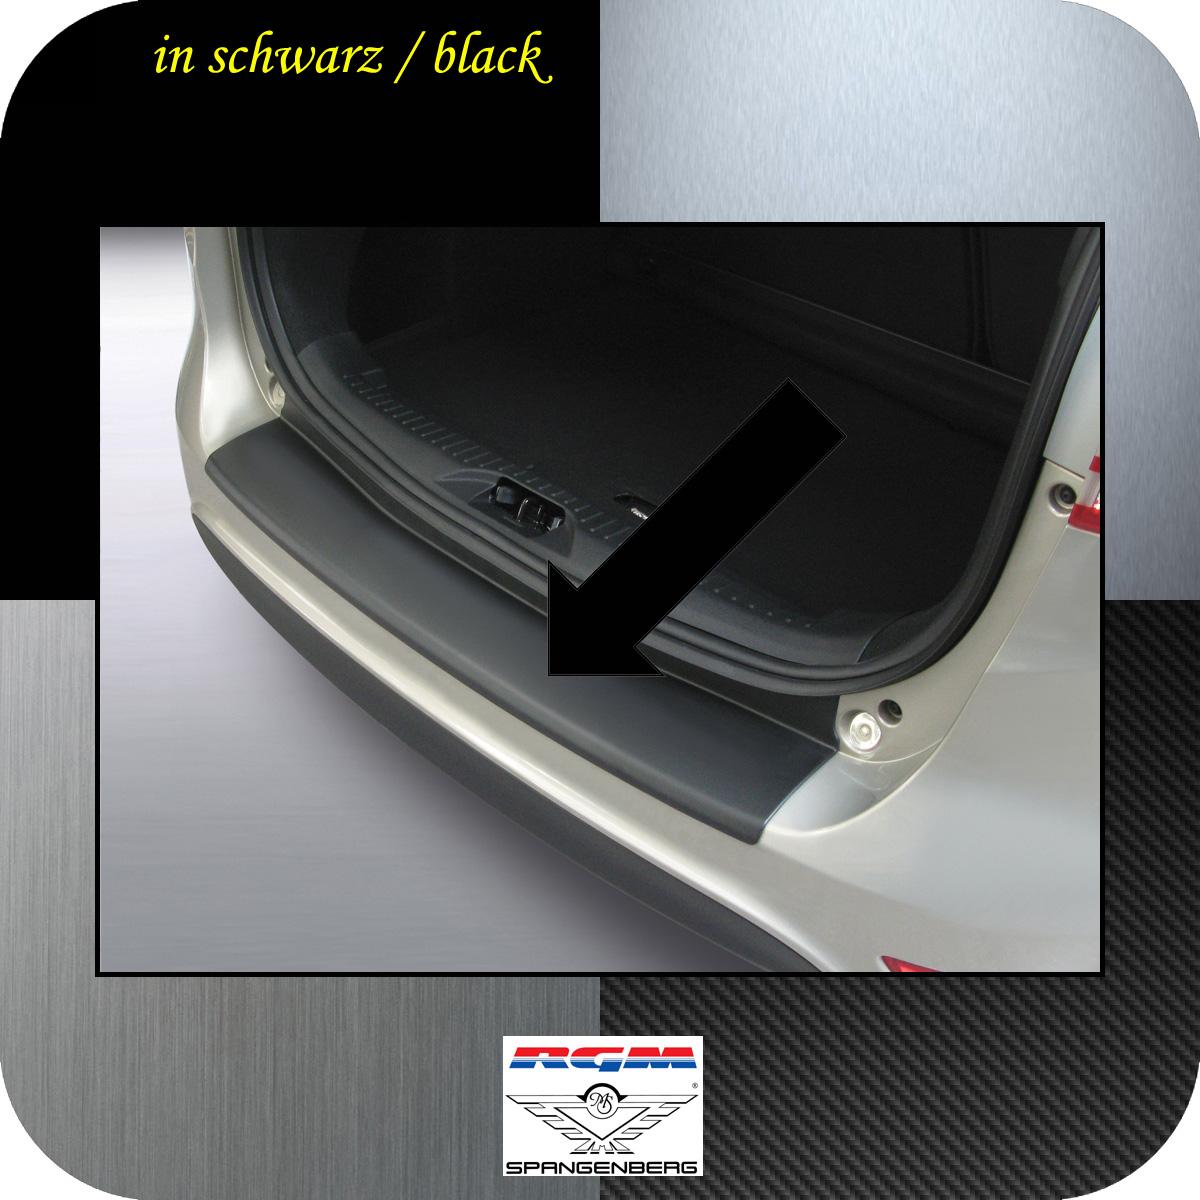 Ladekantenschutz schwarz Ford B-MAX Van Kombi Baujahre 2012-2017 3500584